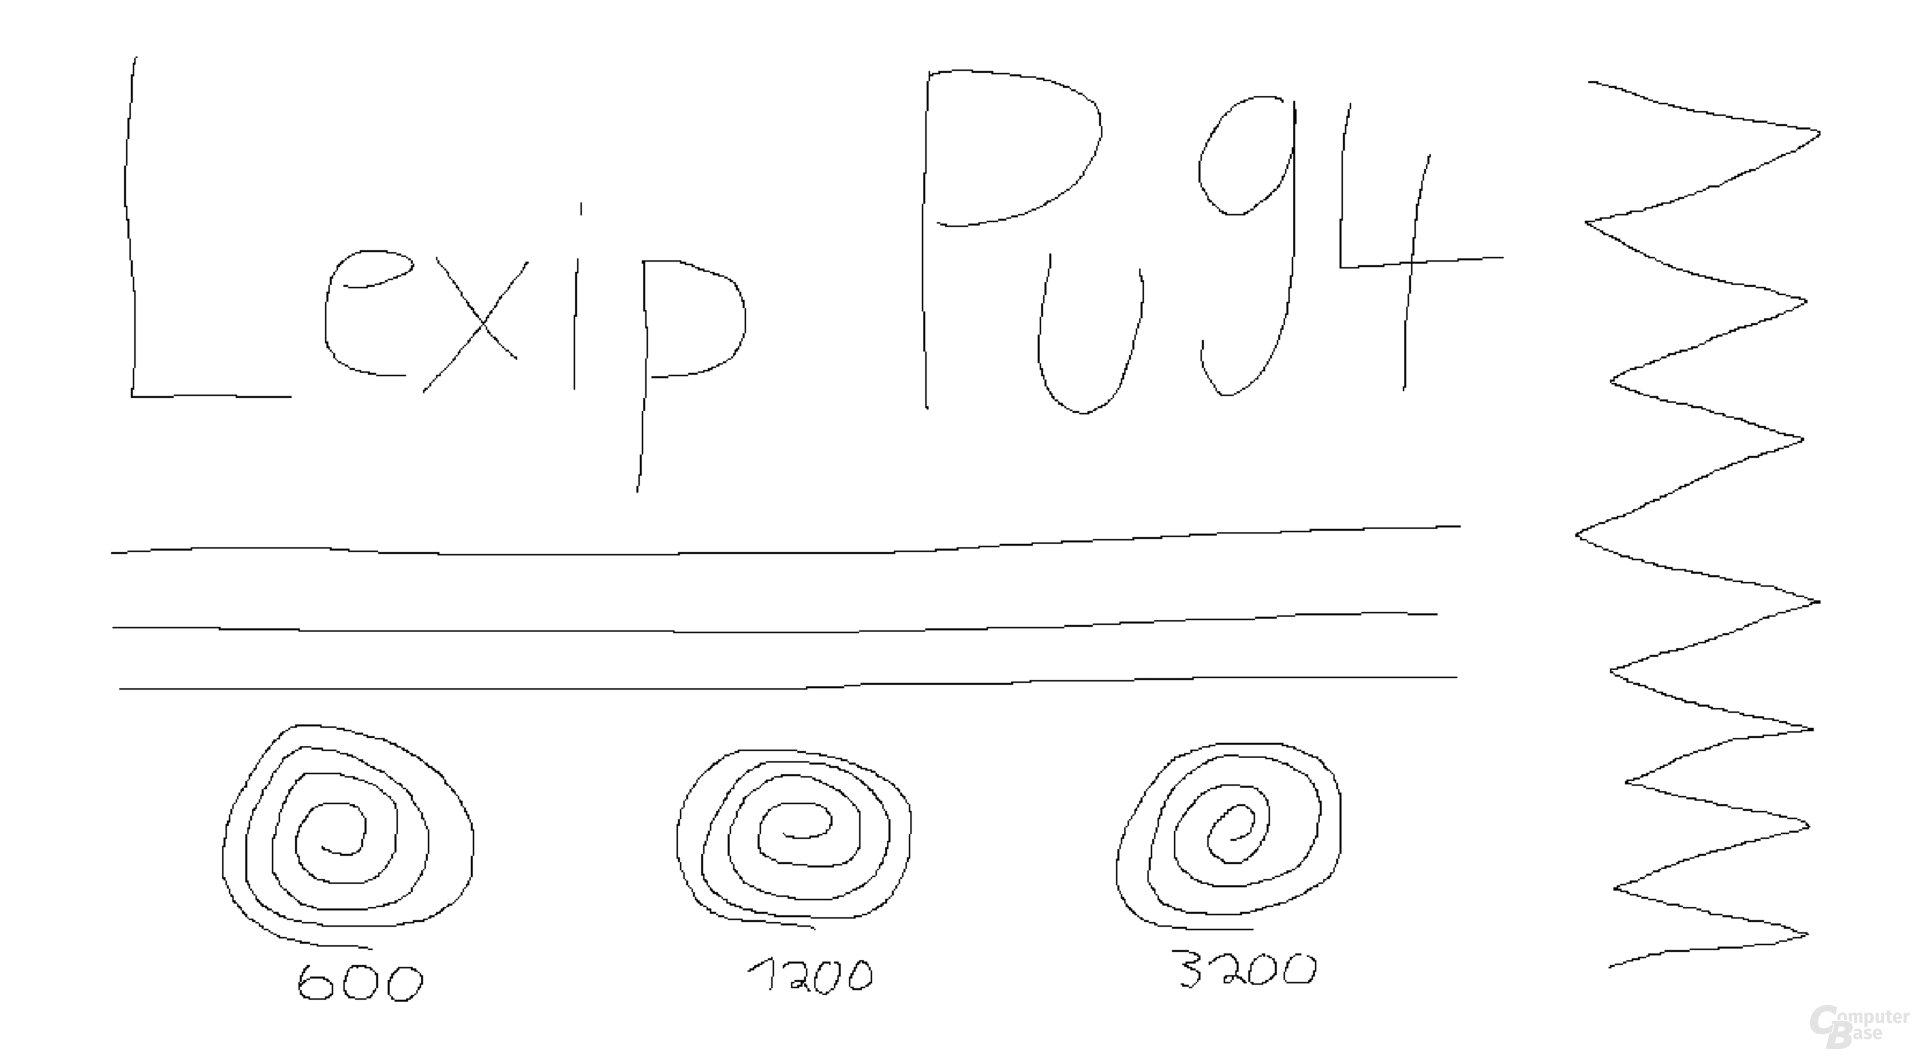 Lexip Pu4; Avago/PixArt ADNS-9800 (350 Hz, Mikrofaseruntergrund)